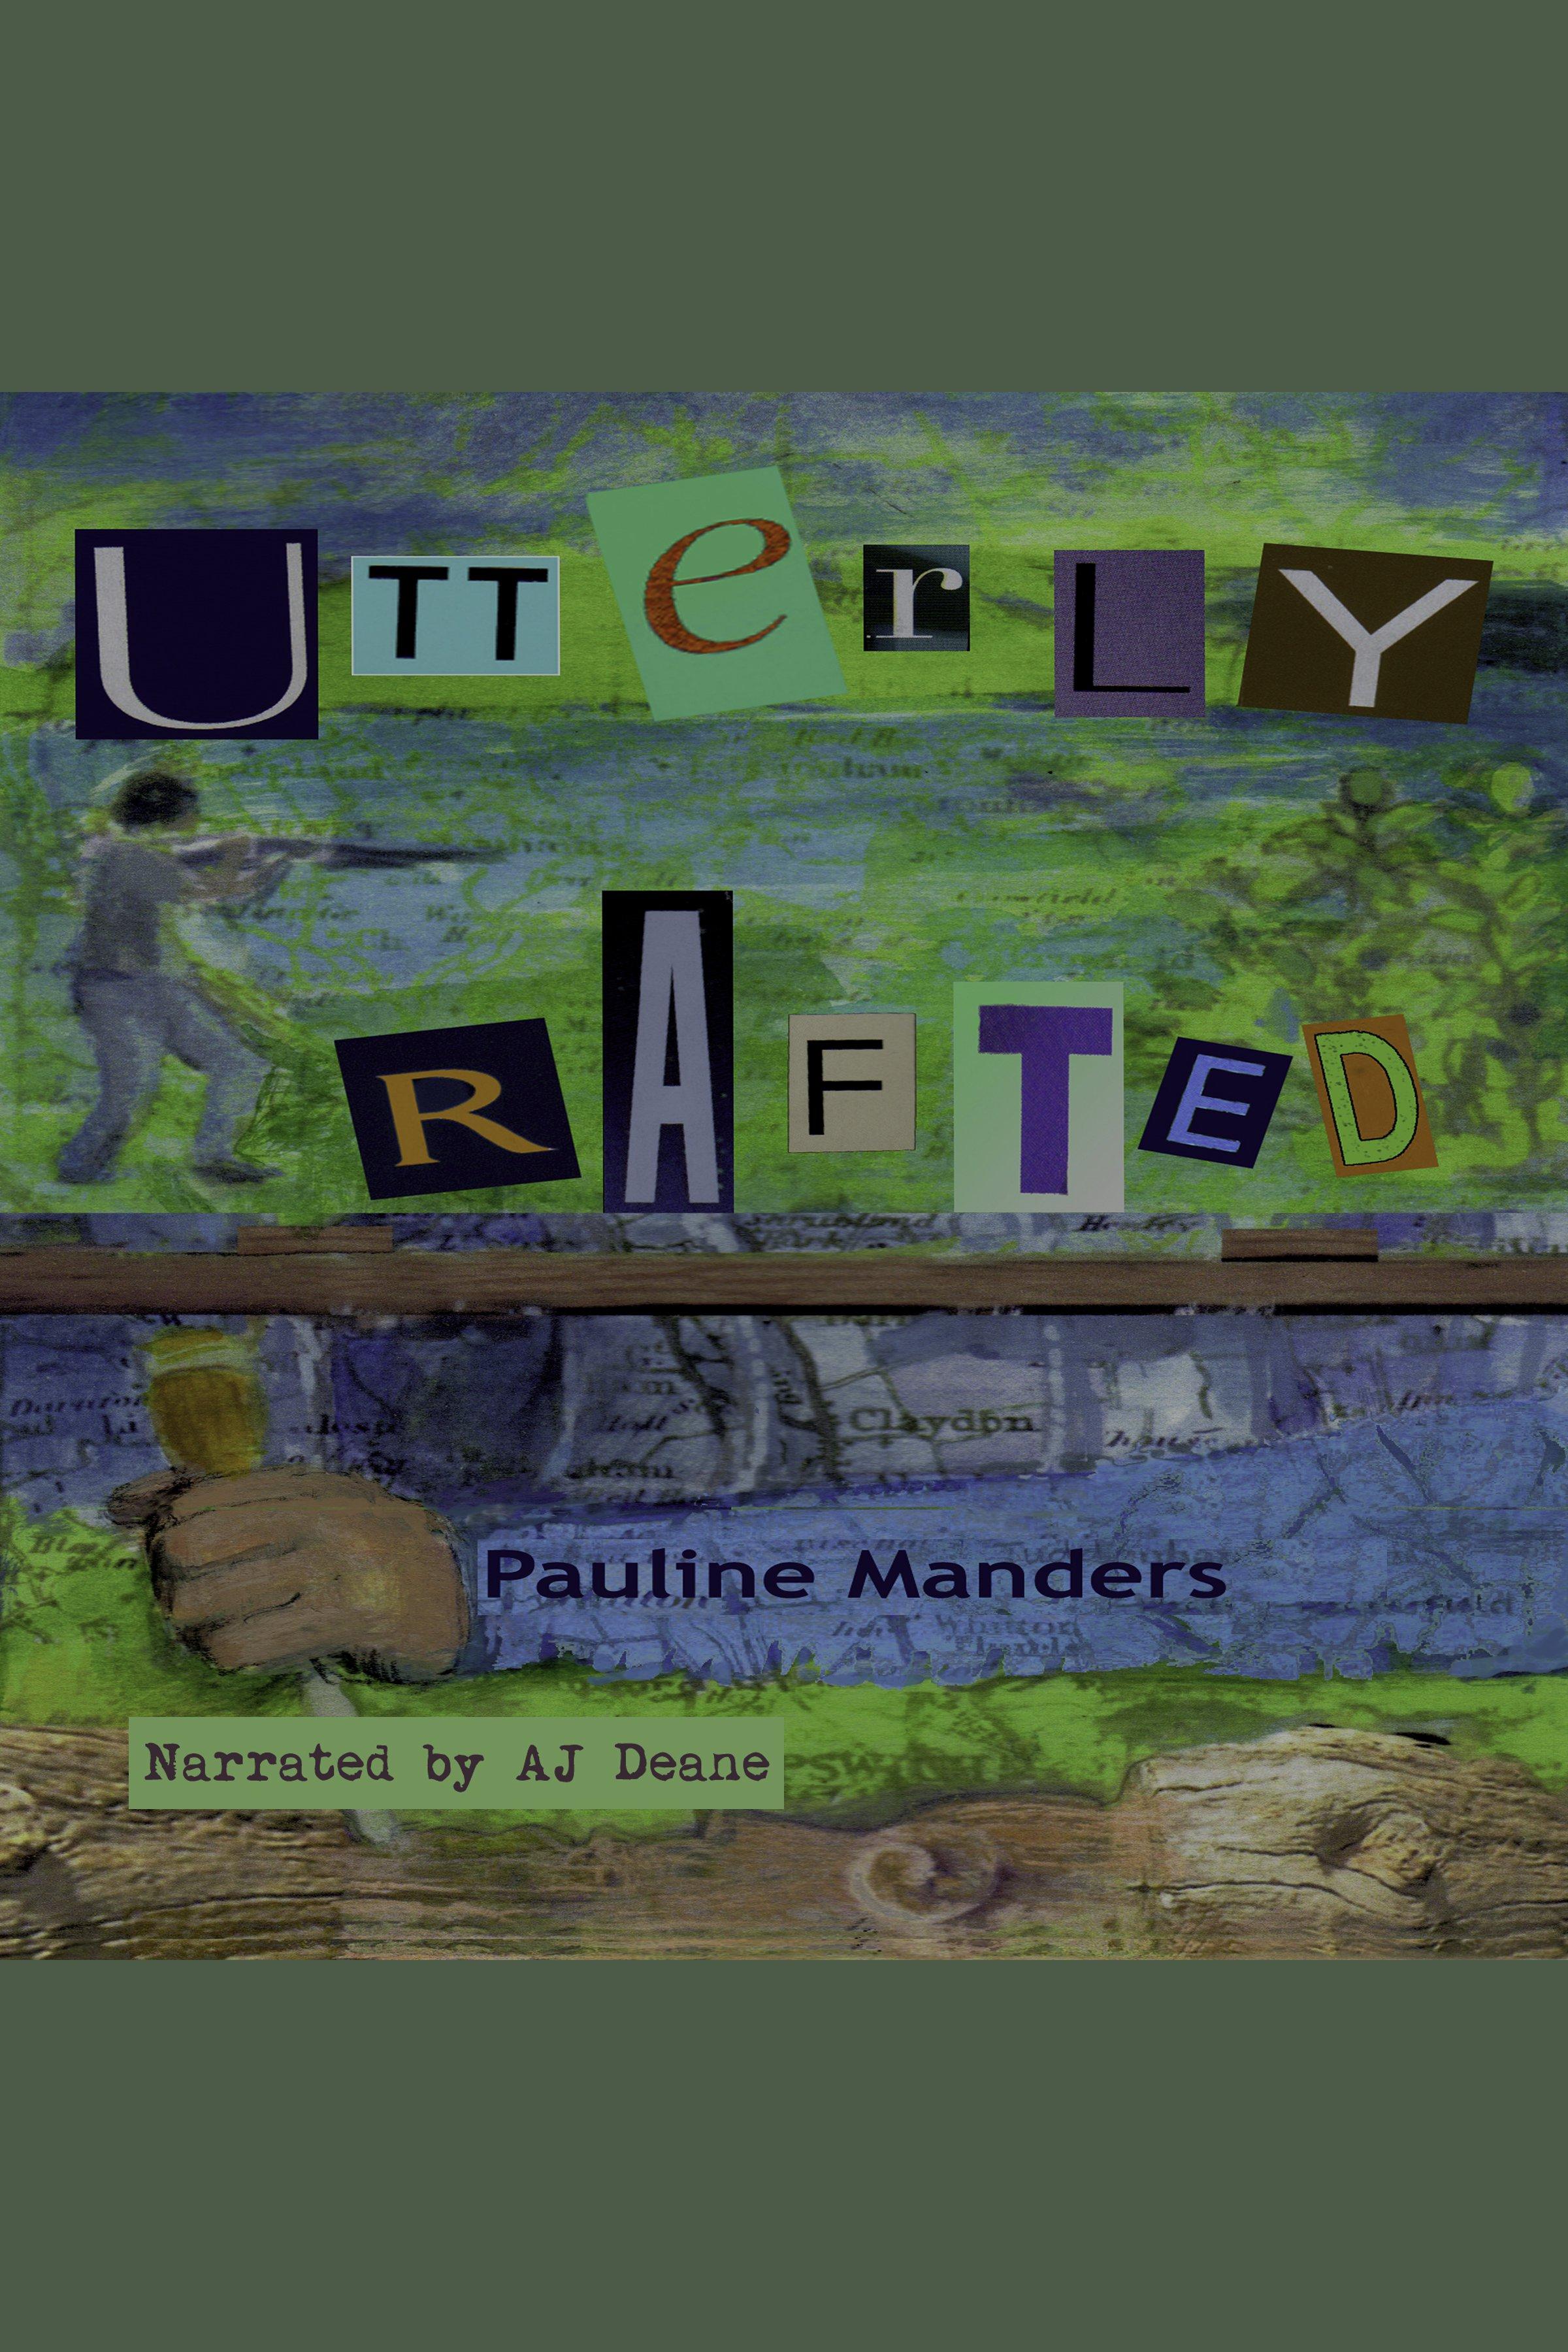 Esta es la portada del audiolibro Utterly Rafted